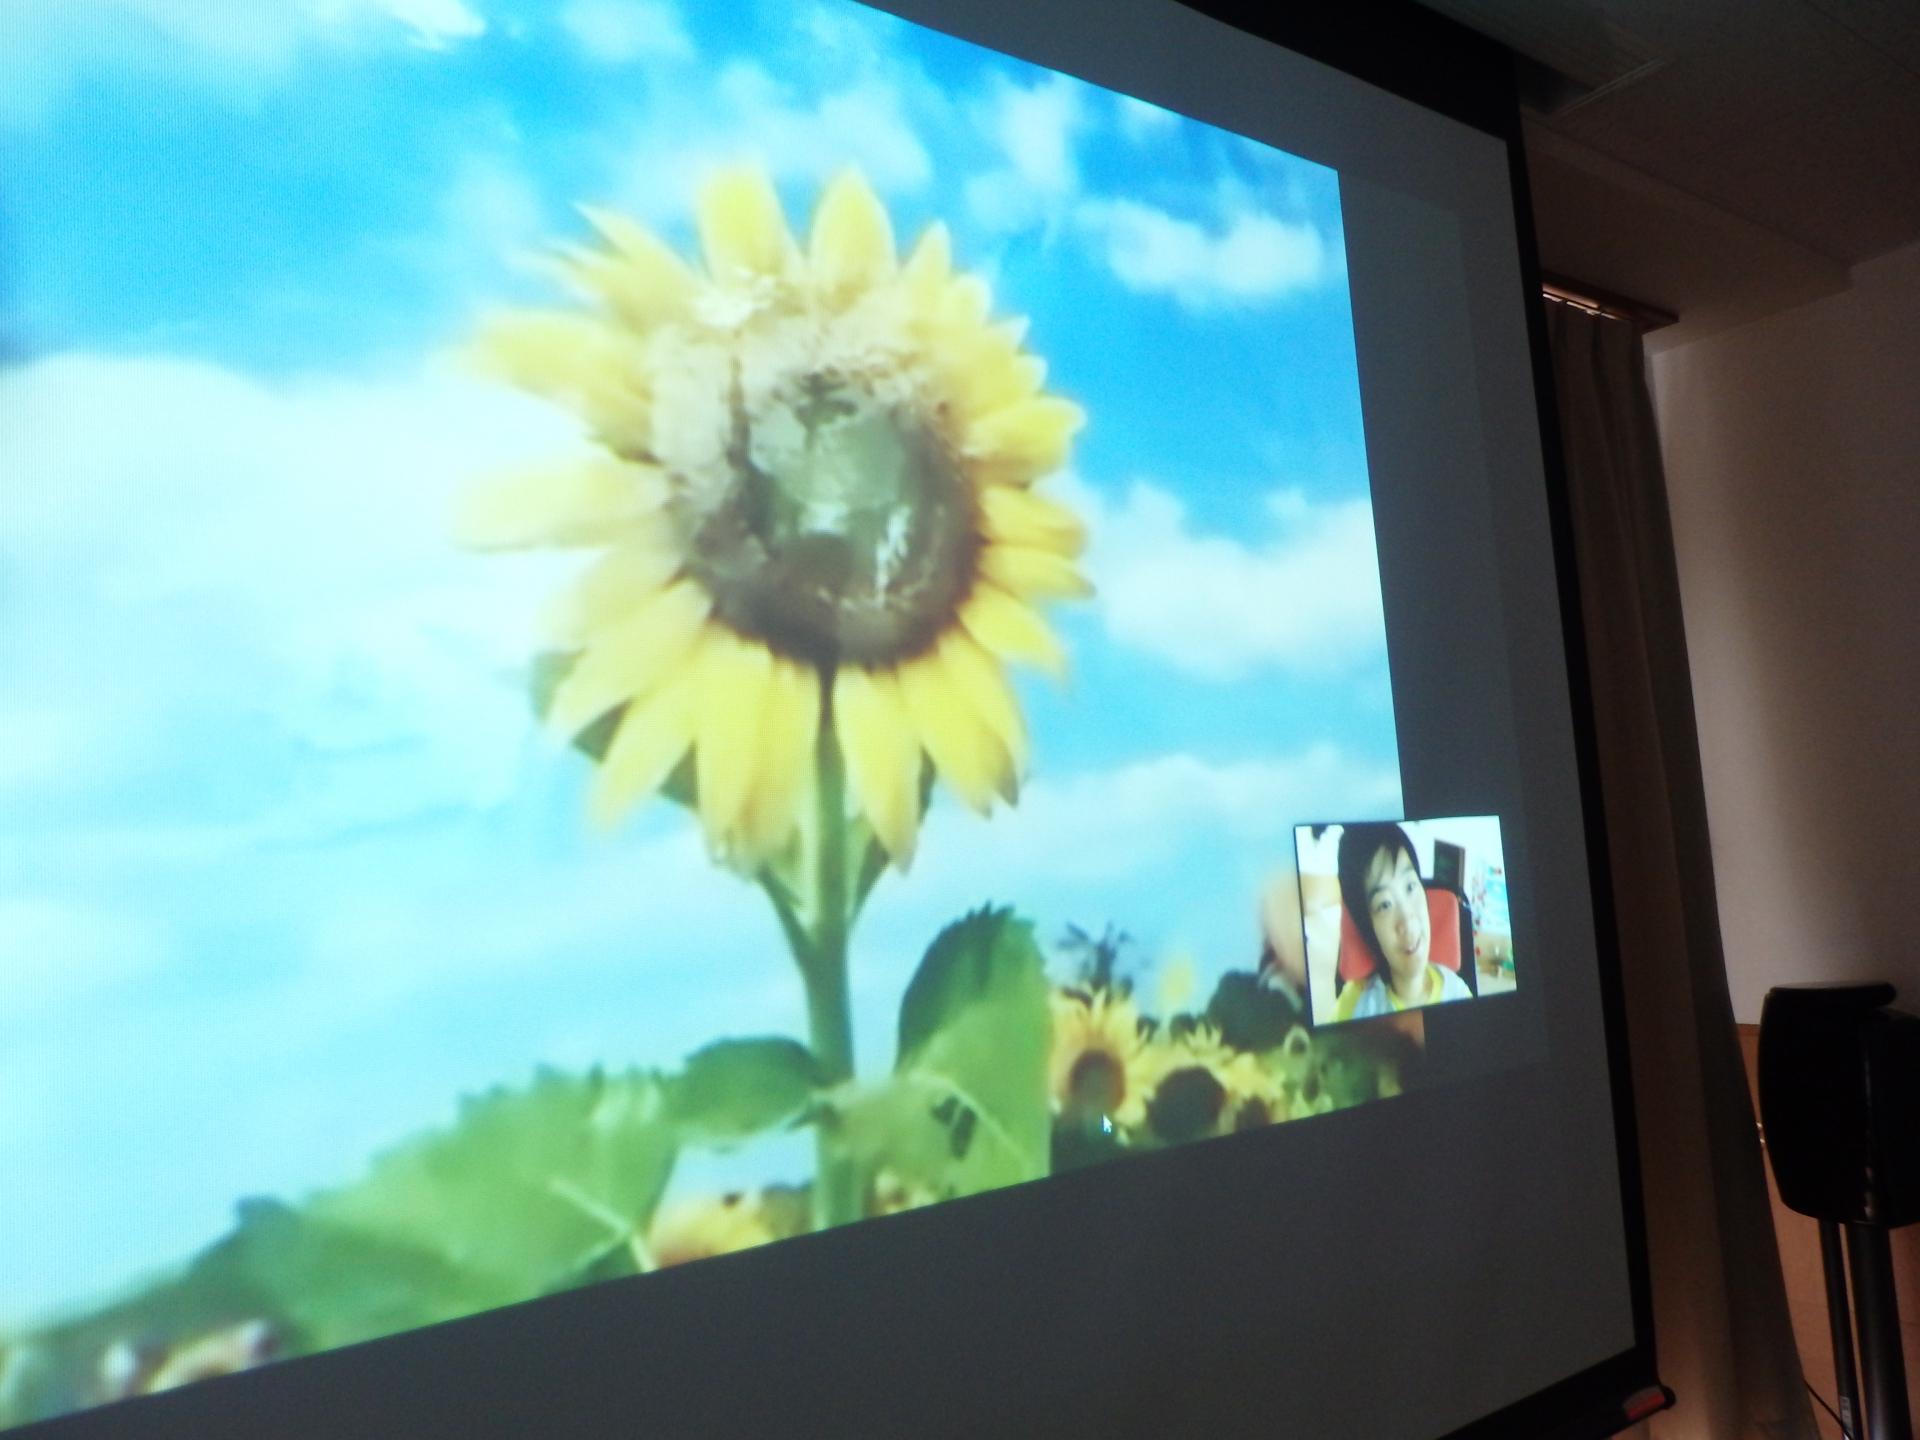 来てくれる教室オンライン=真夏の動物園は暑い編=